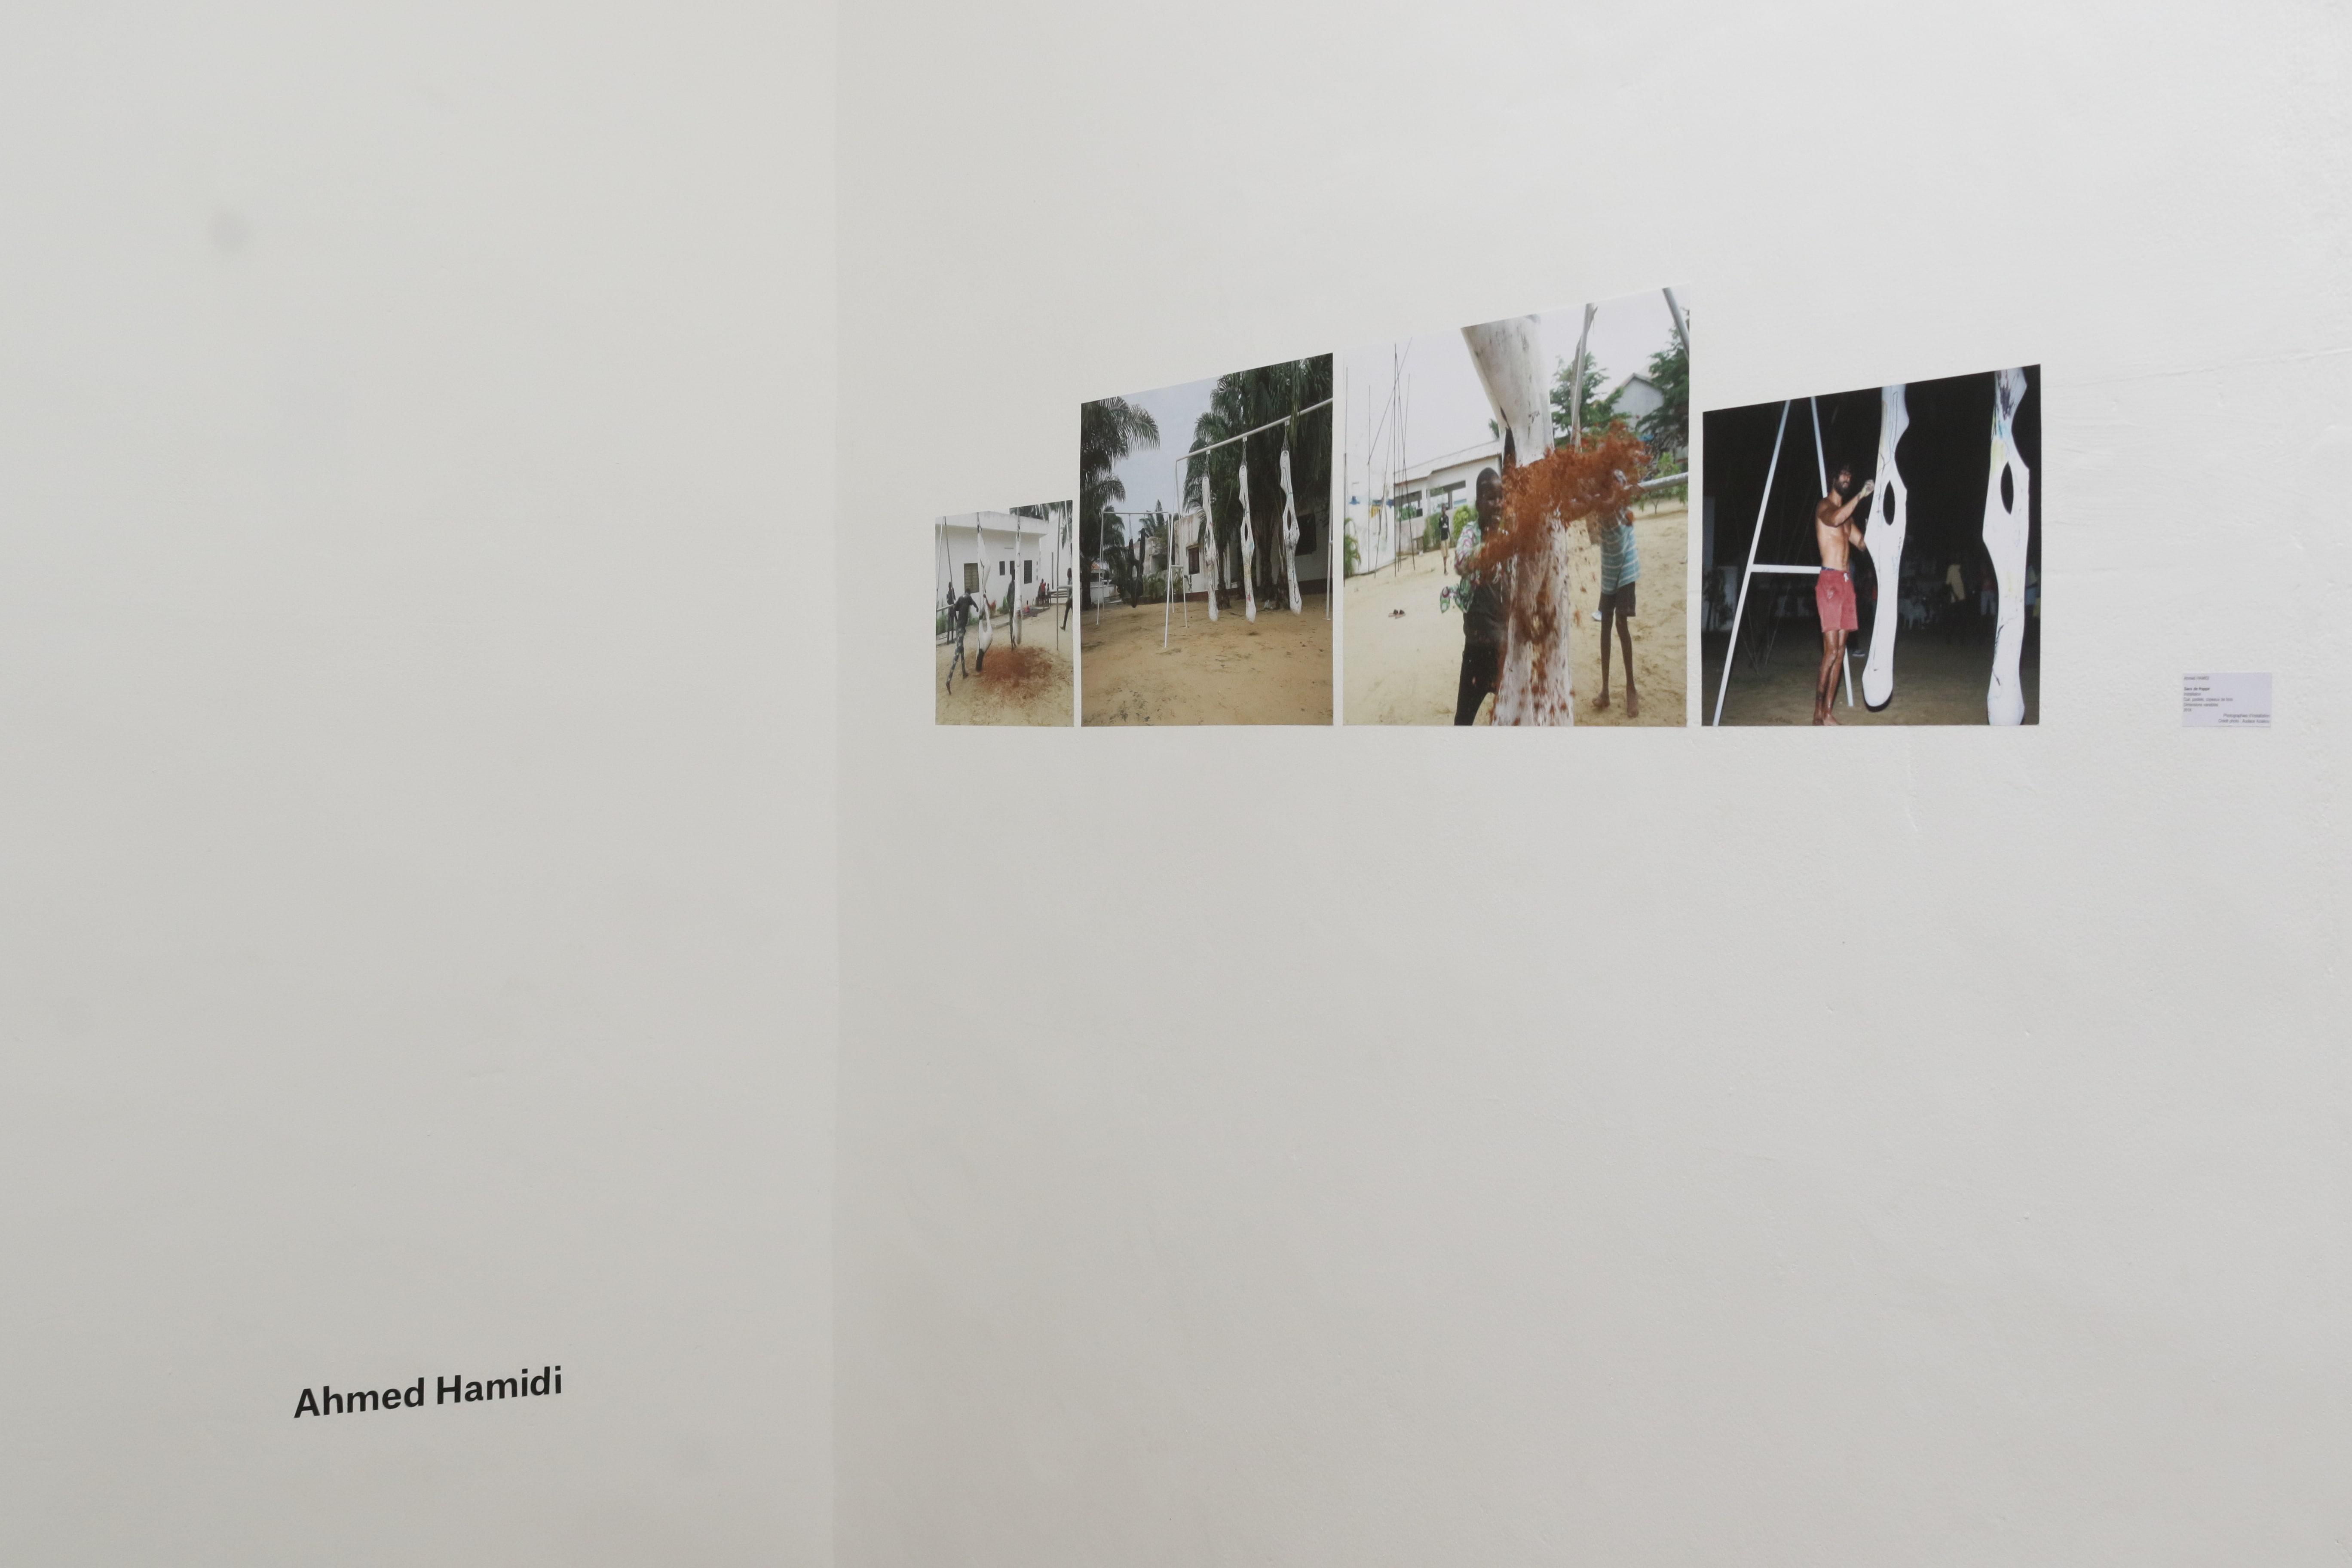 Ahmed Hamidi,